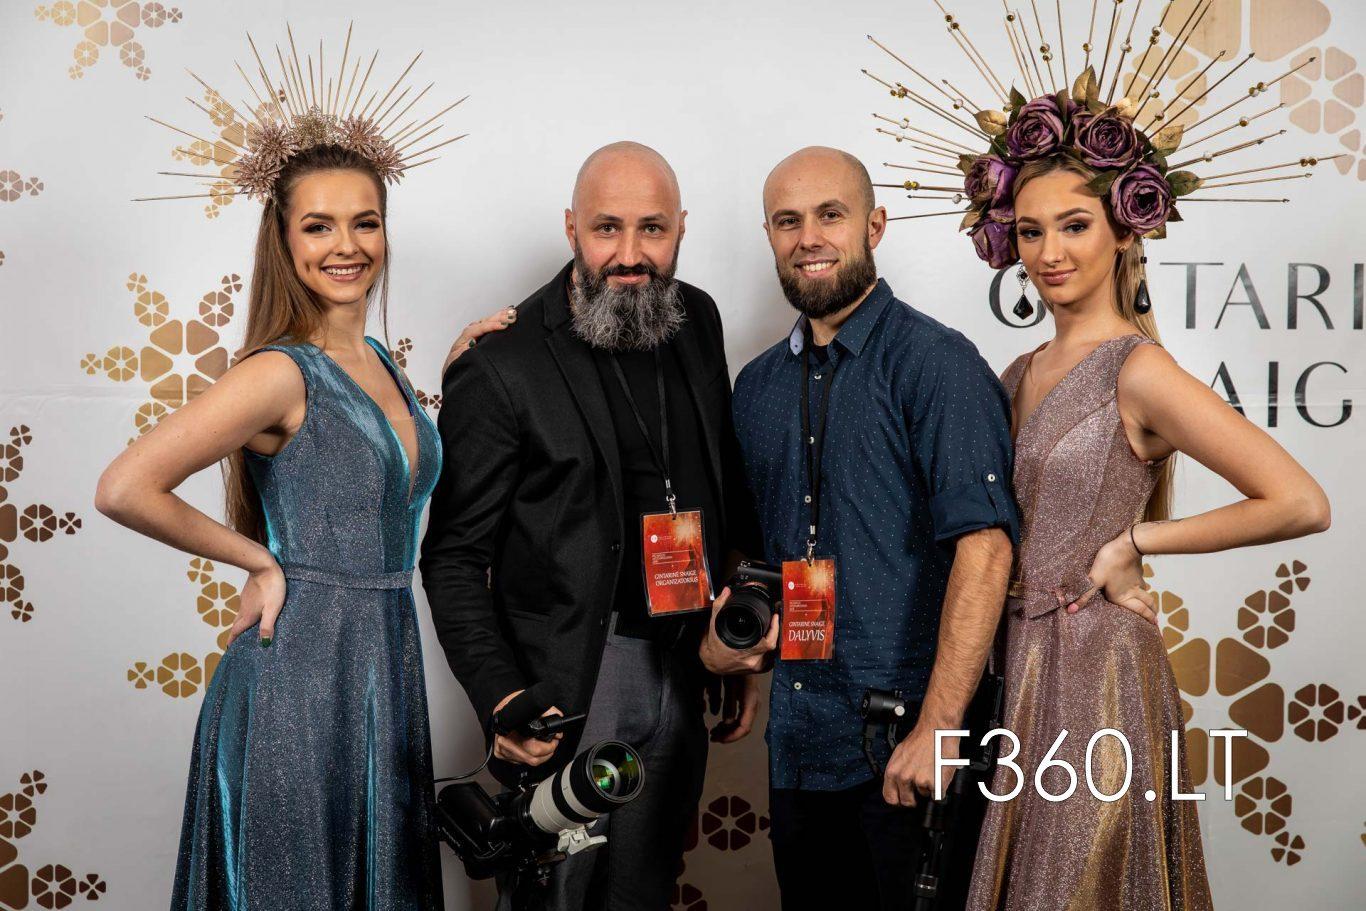 Fotografavimas Prie Fotosieneles Su Papildomais Softbox'ais F360.lt 3t4a3340